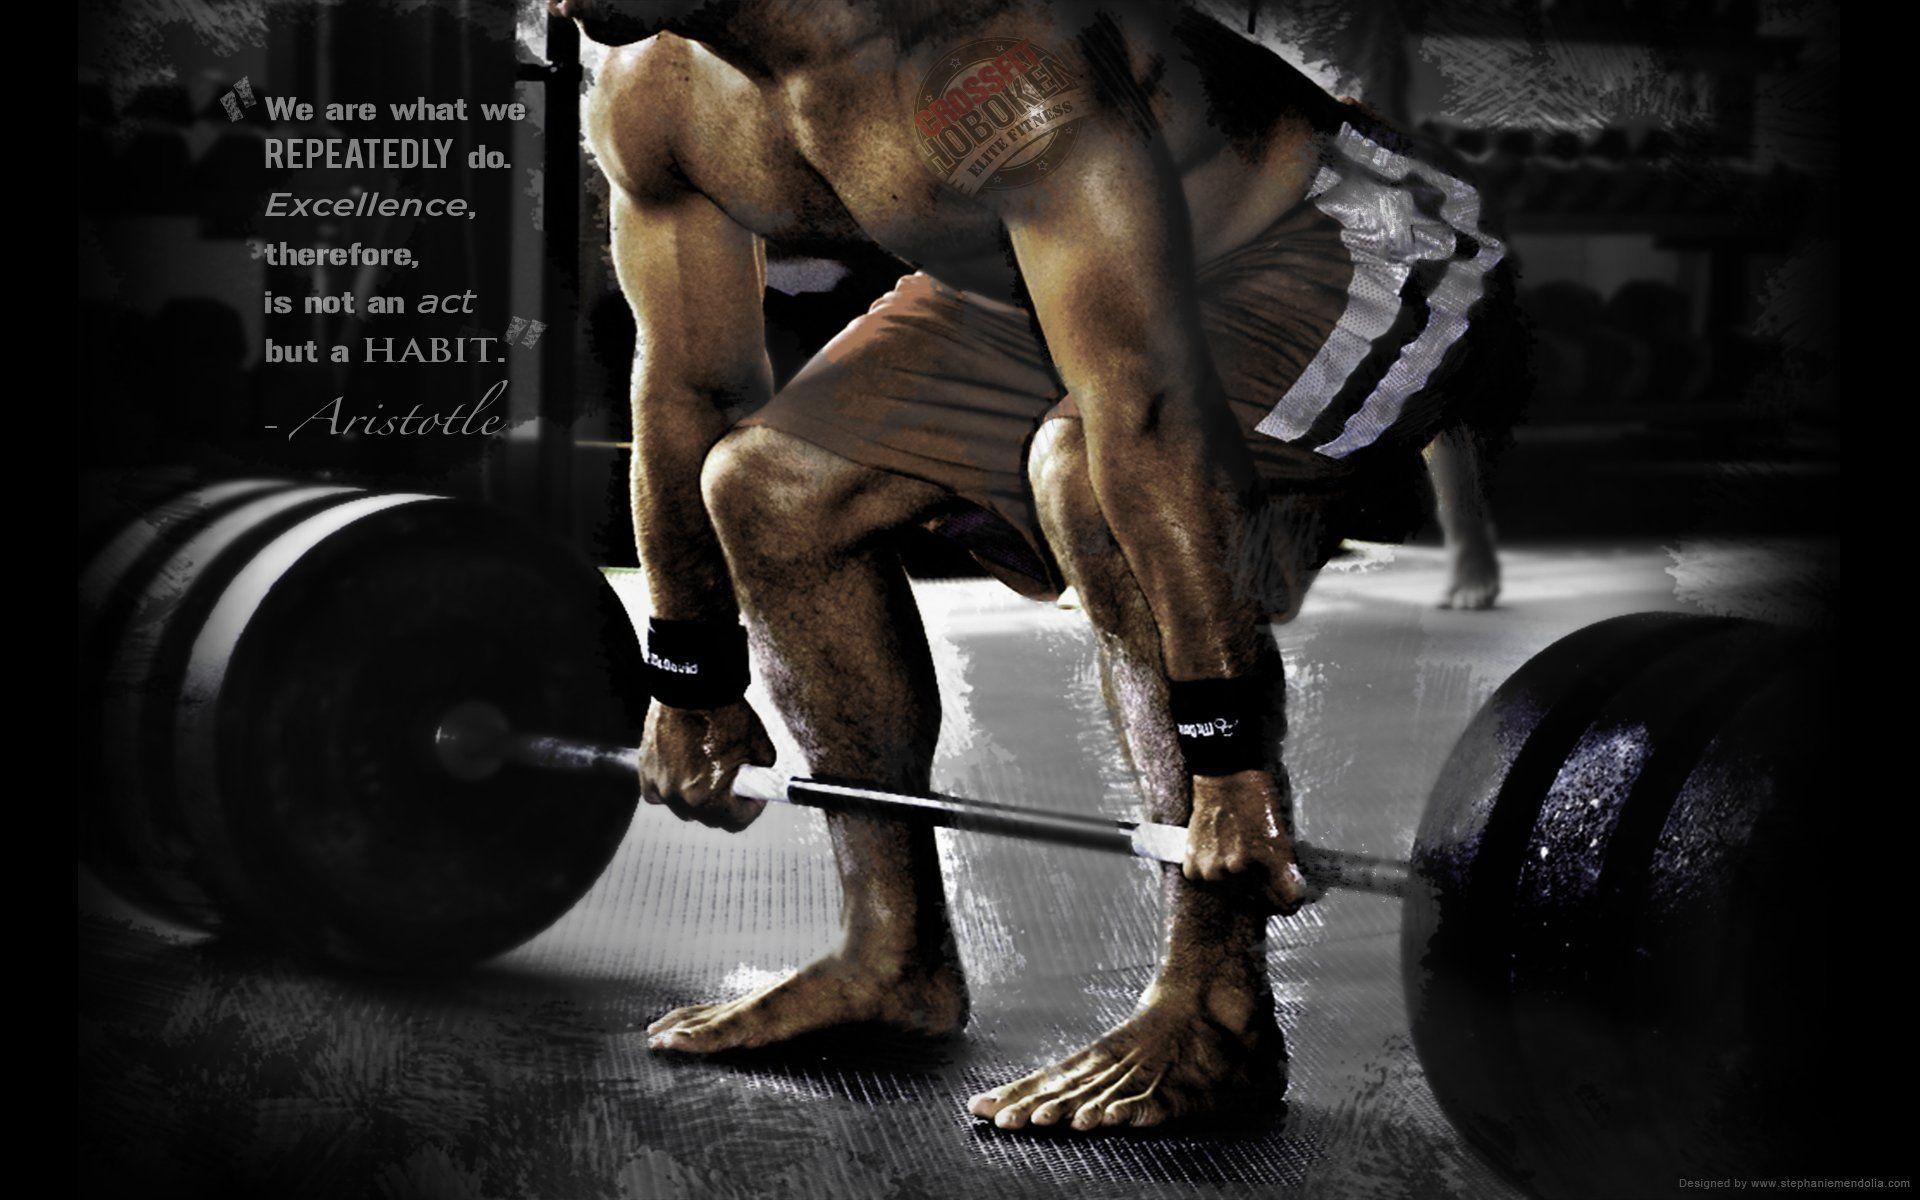 картинки со смыслом жизнь тяжелая атлетика как тостами